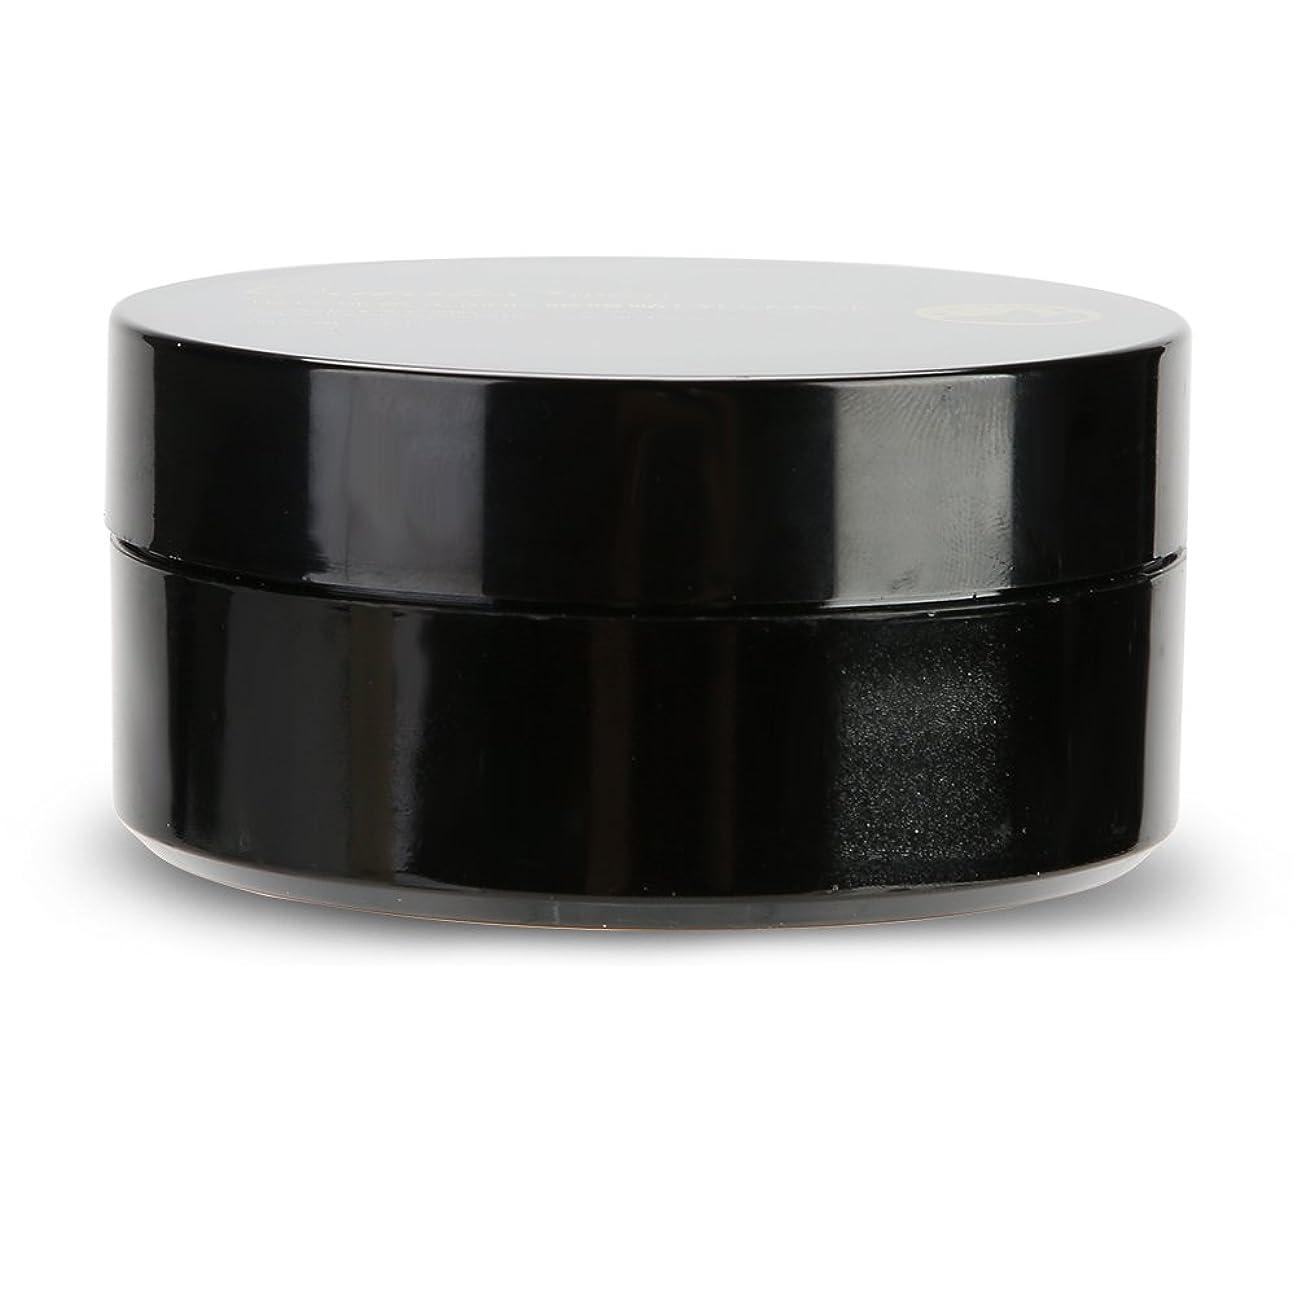 サンダー震える半円60pcsブラックパールエナジャイジングコラーゲンアイマスク、アンチエイジング、しわを解消ブラックアイと余分な脂肪、アイバッグトリートメント、高保湿